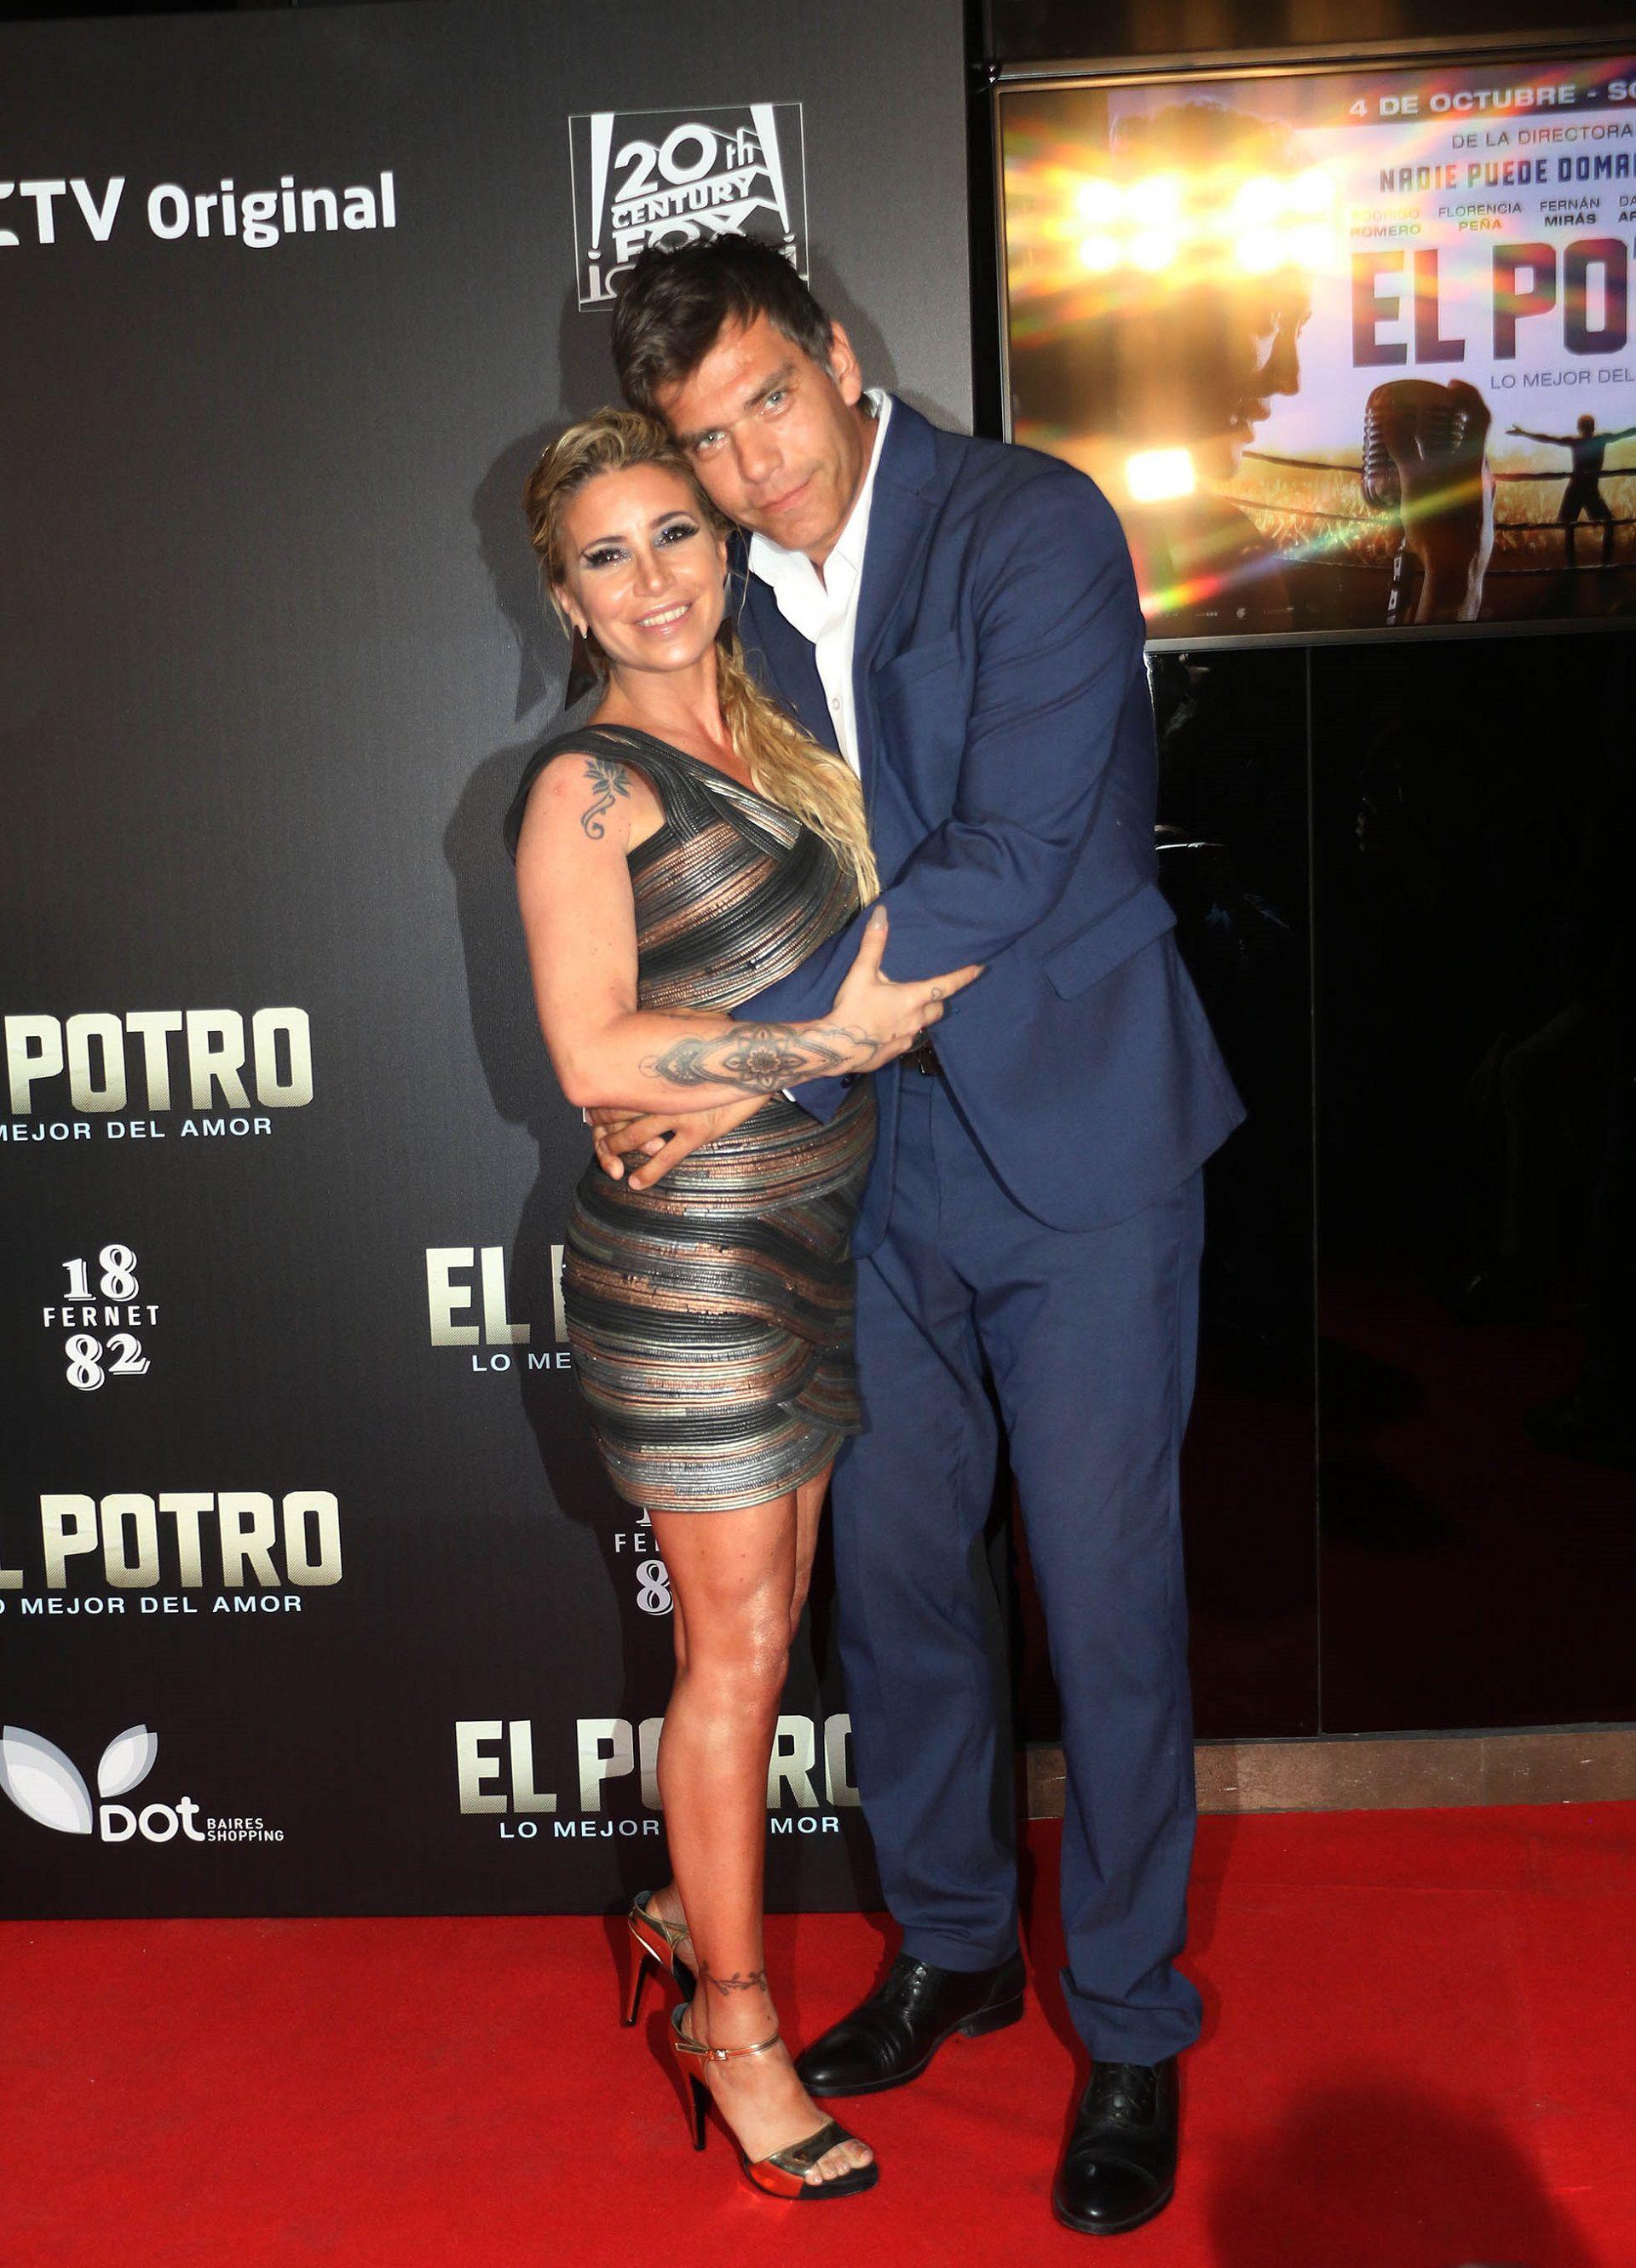 Florencia Peña y Ramiro Ponce de León